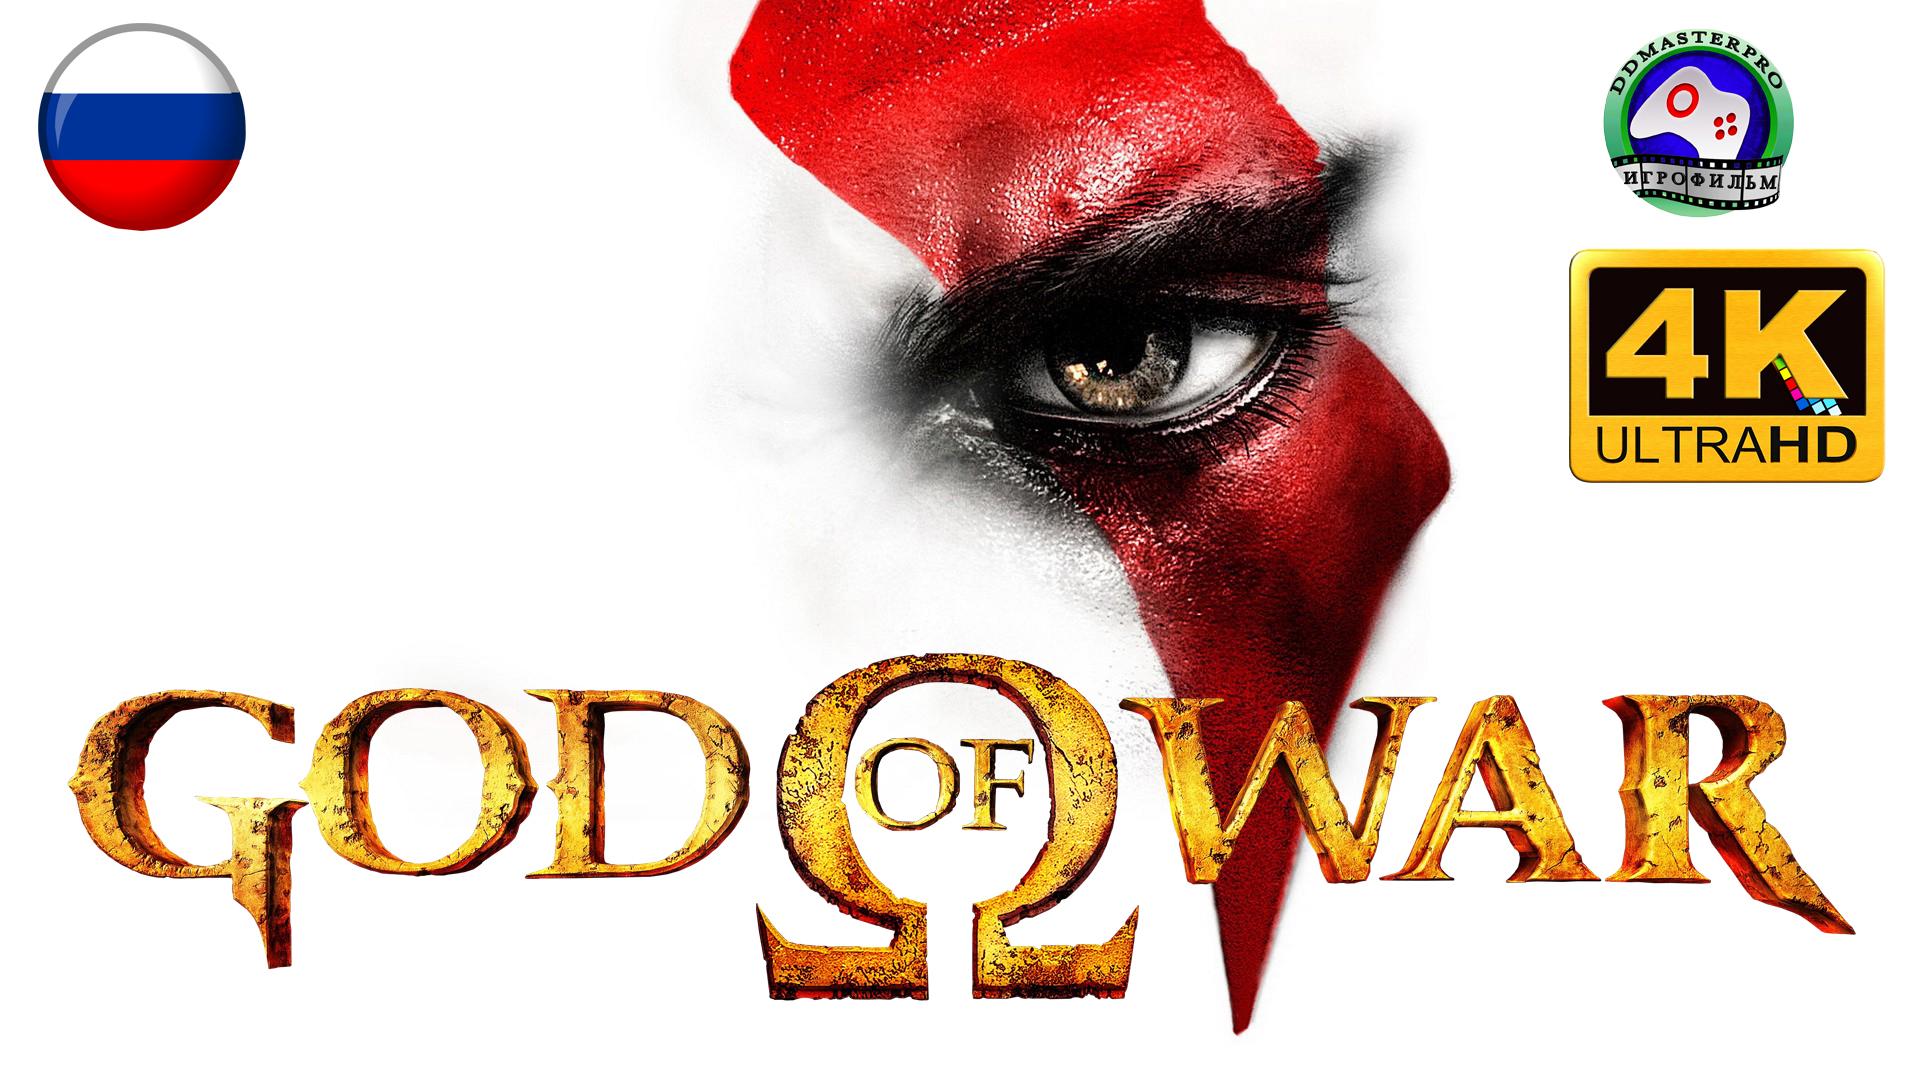 Бог Войны 1 ИГРОФИЛЬМ God of War 1 прохождение на русском 4K 60FPS сюжет фэнтези